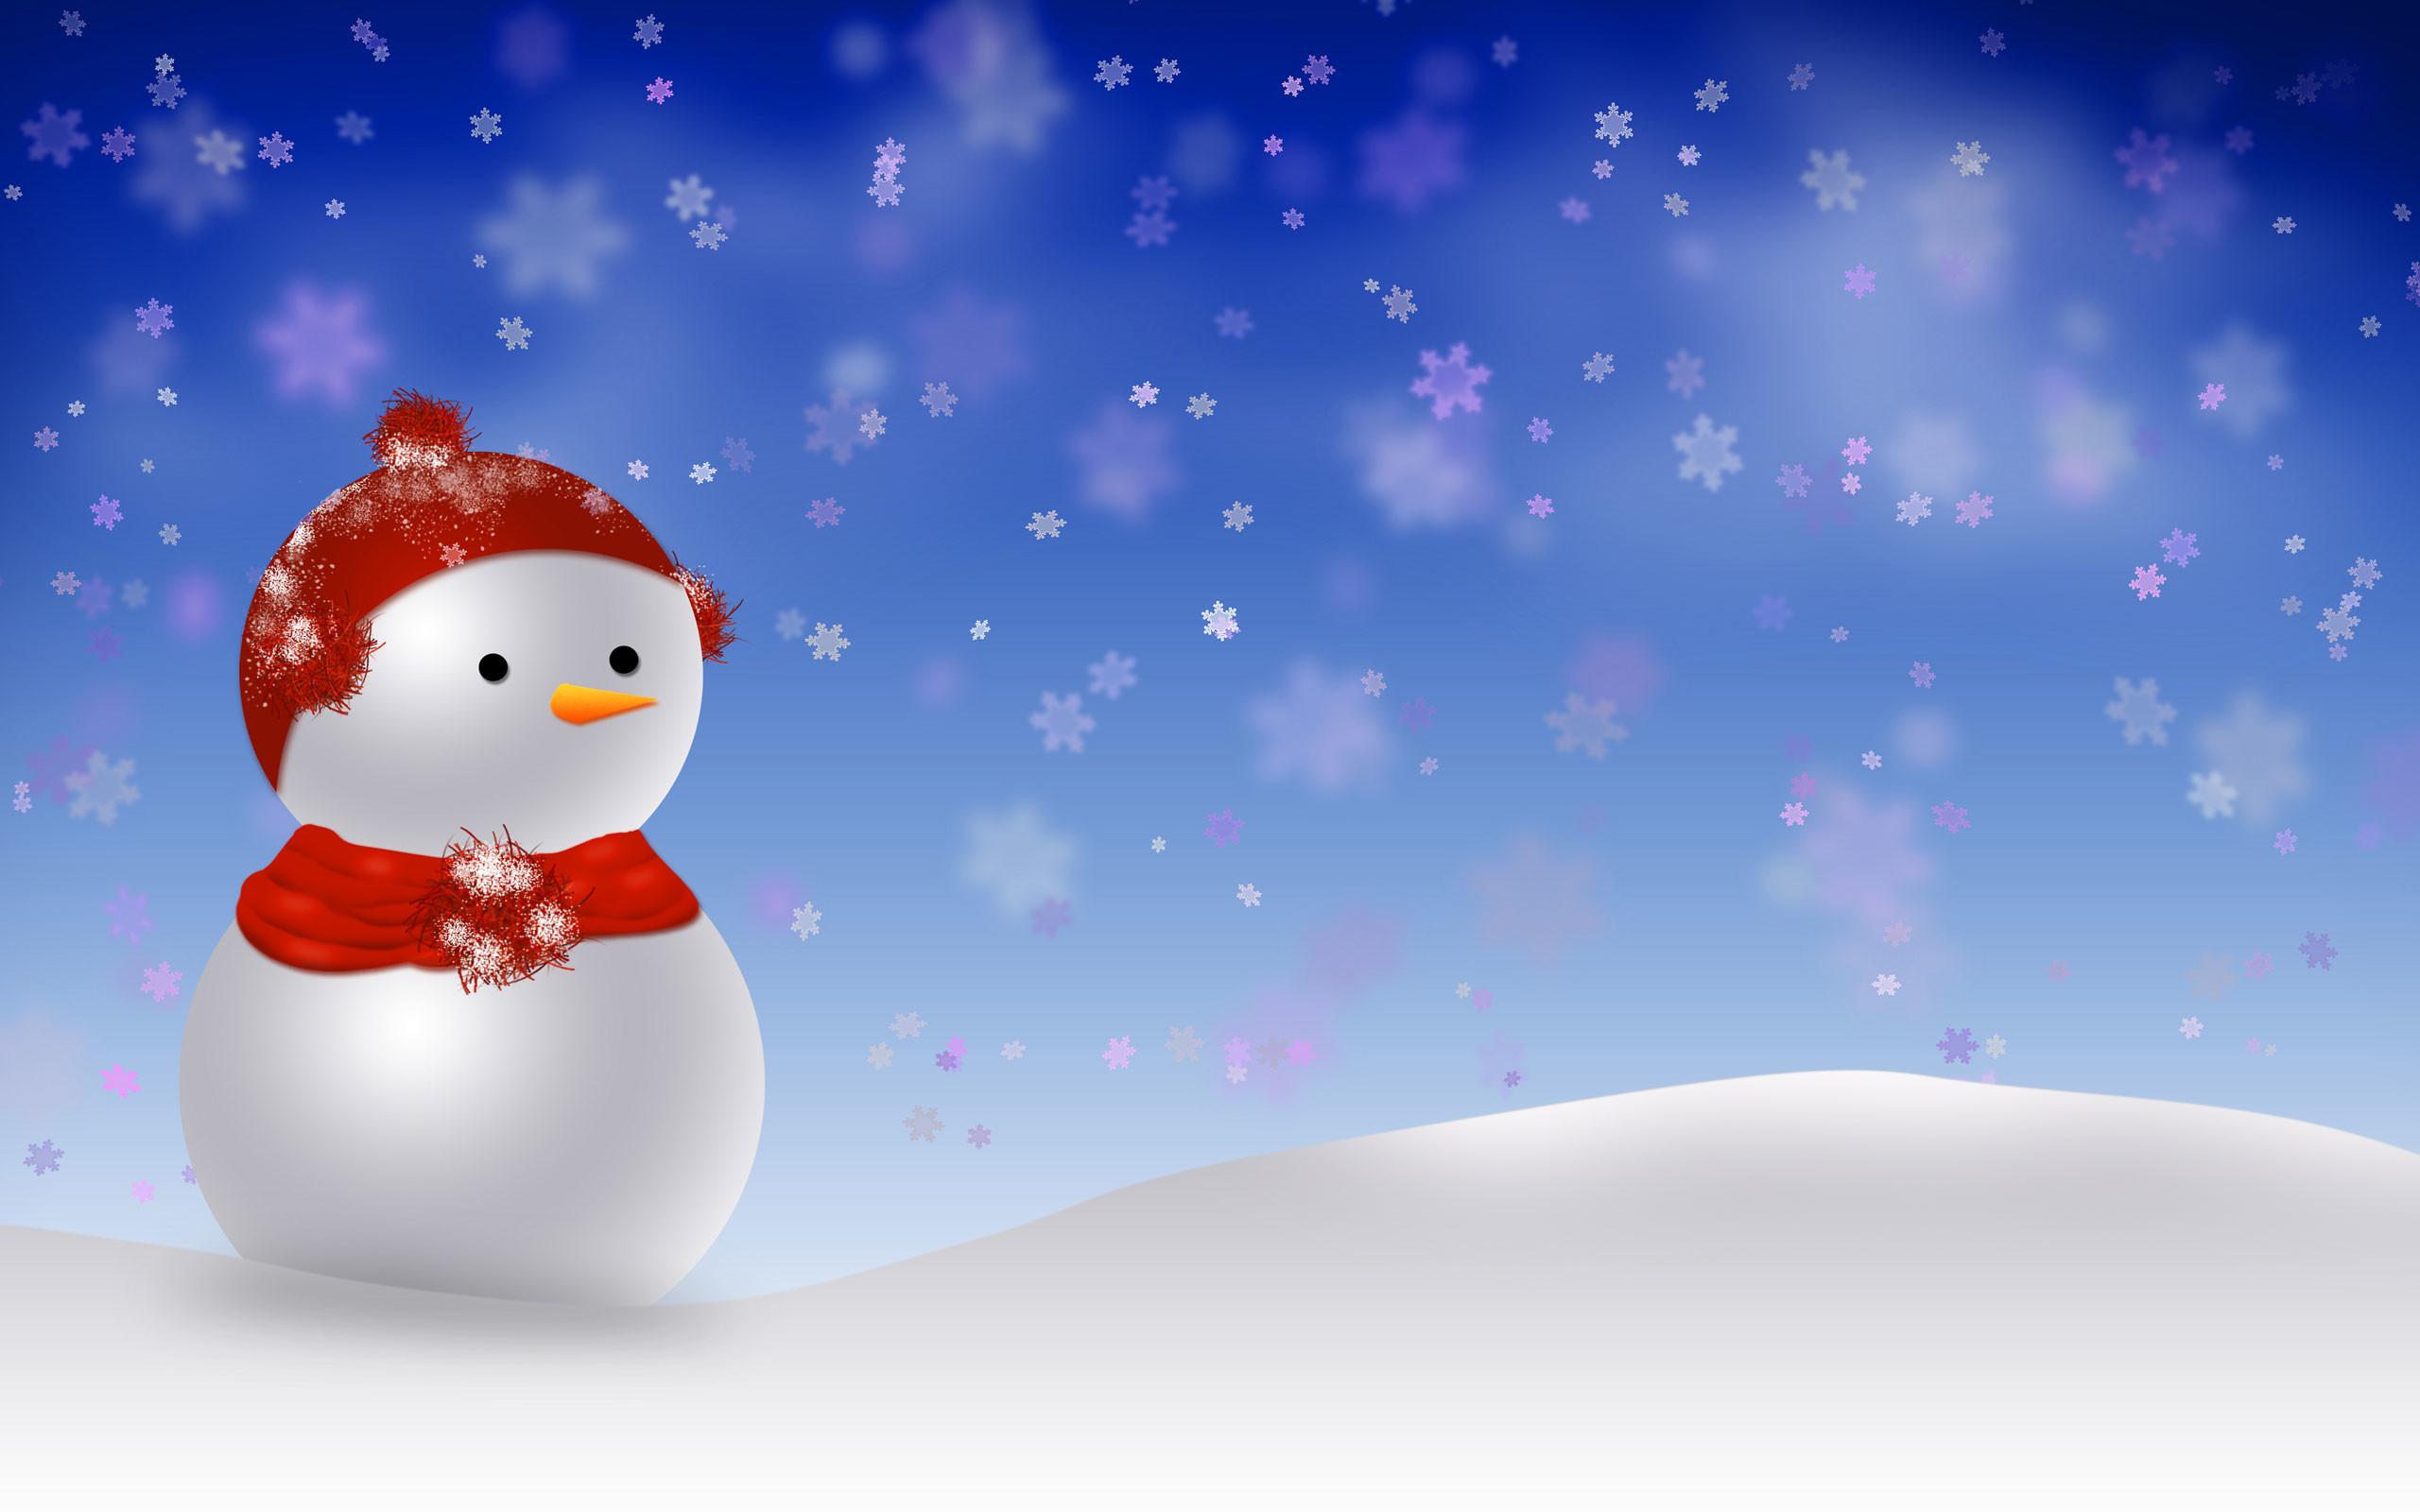 Explore Christmas Pics, Christmas Graphics, and more!